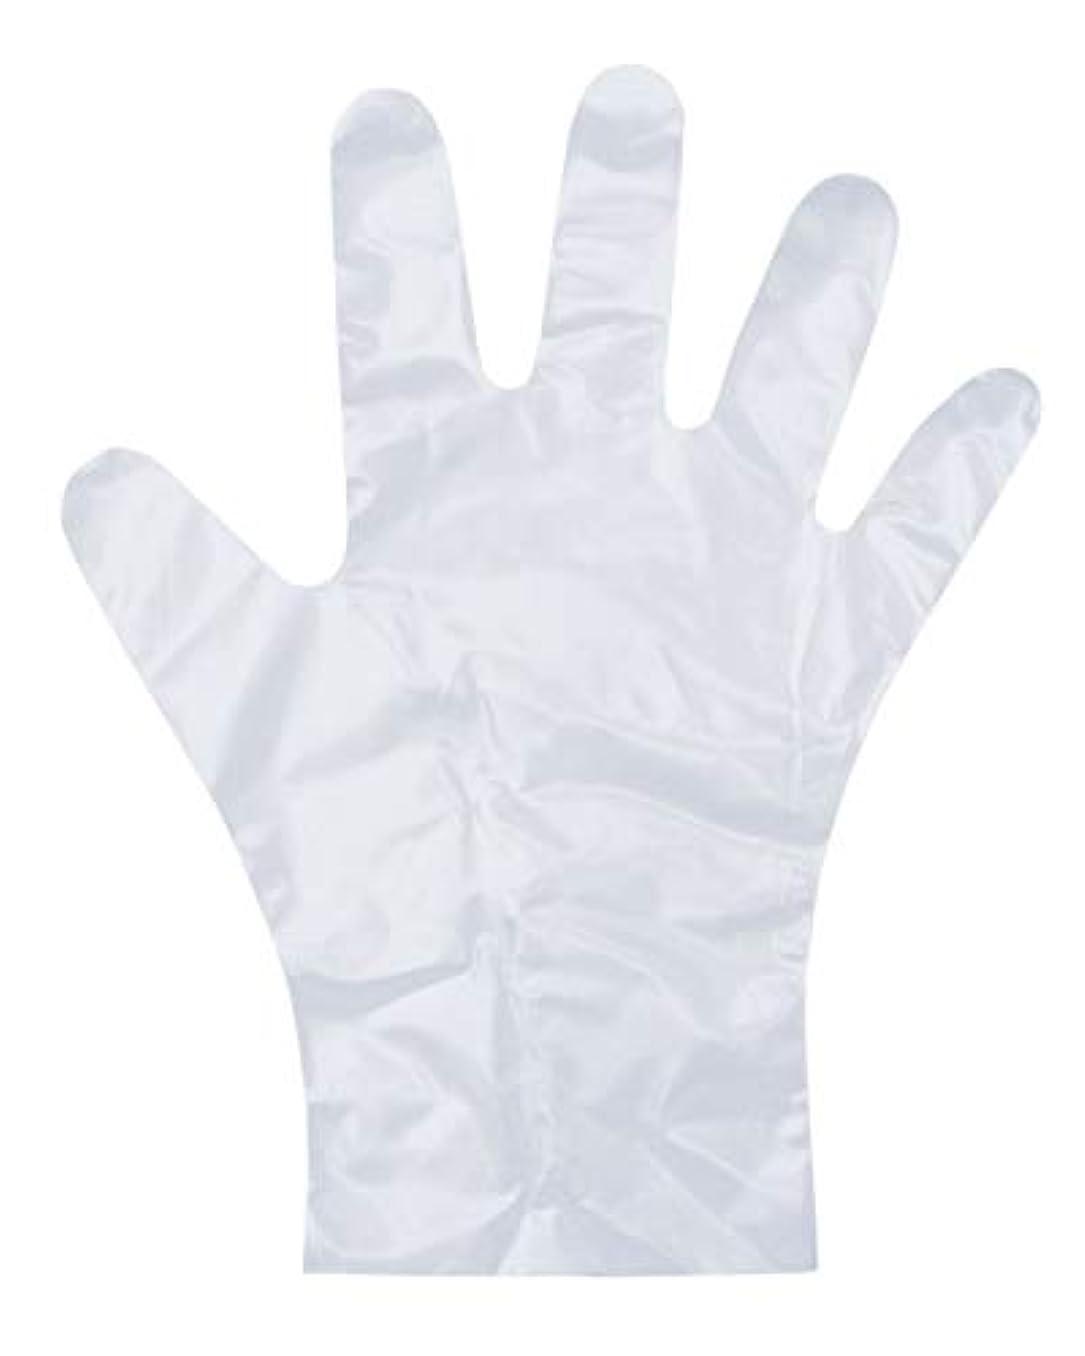 モットー先のことを考えるモンスターダンロップ ホームプロダクツ ポリエチレン手袋 使い捨て エンボス 半透明 M 調理 掃除 洗濯 介護 毛染め PD-110 100枚入